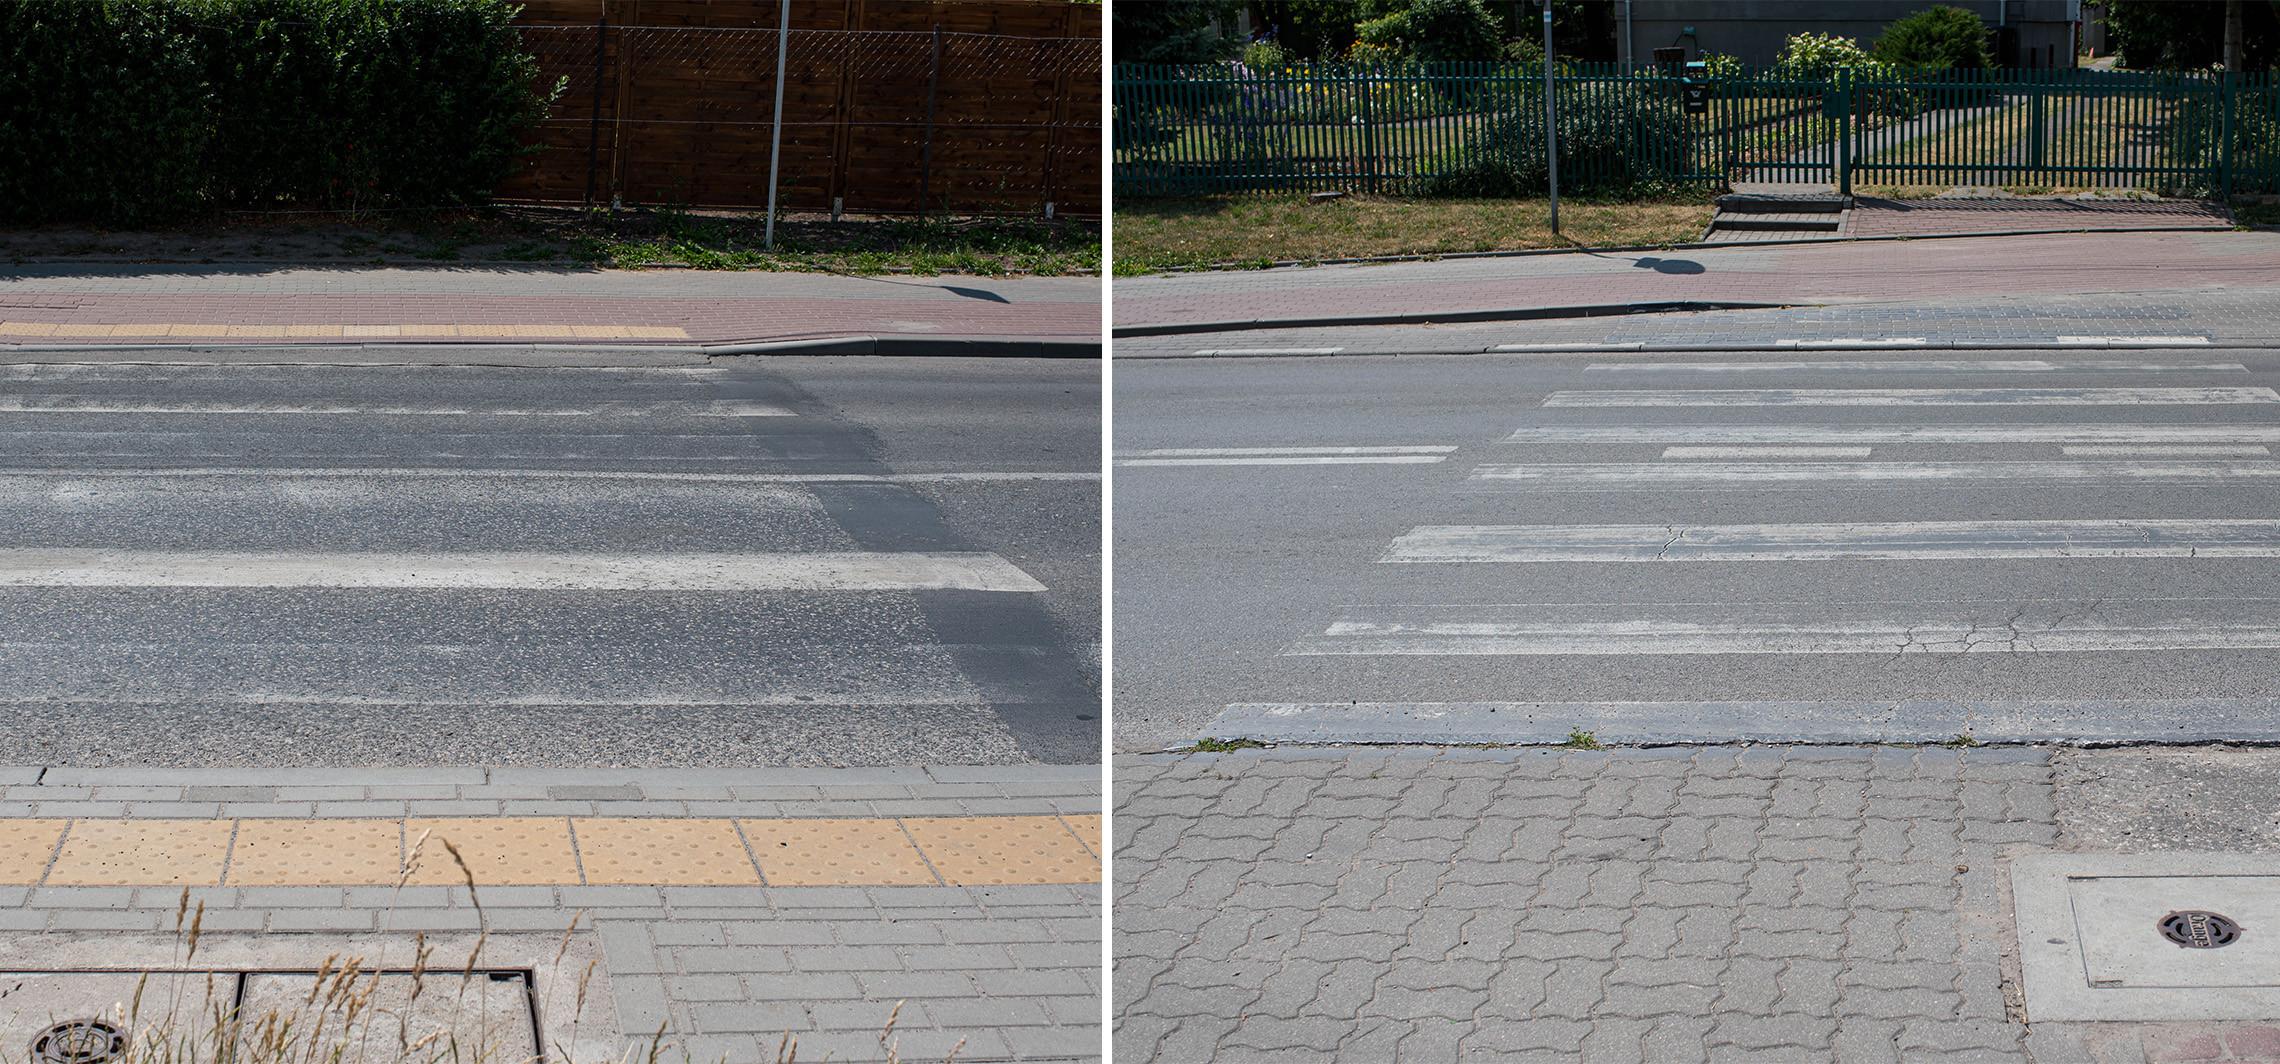 Inowrocław - Miało być bezpieczniej, ale...